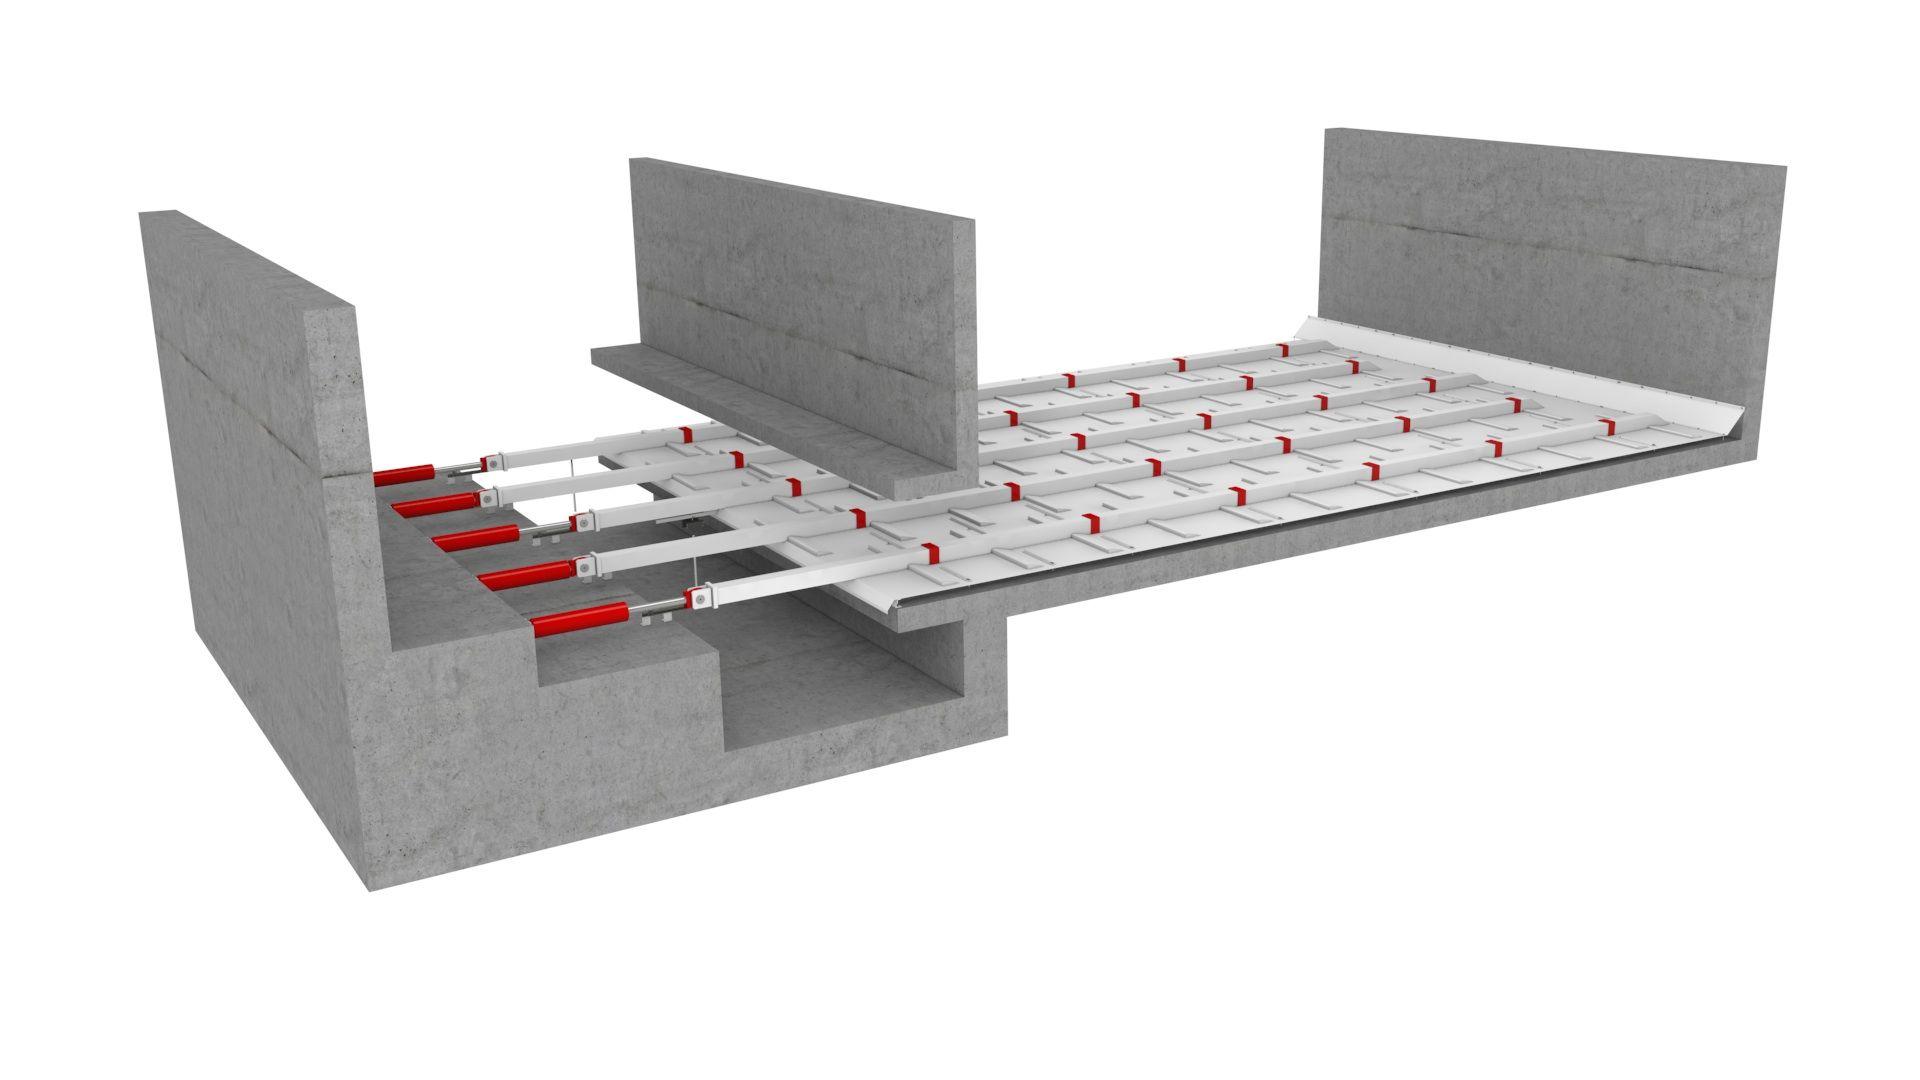 Стокерный пол для мелкофракционных материалов. 3D модель работы с транспортерами